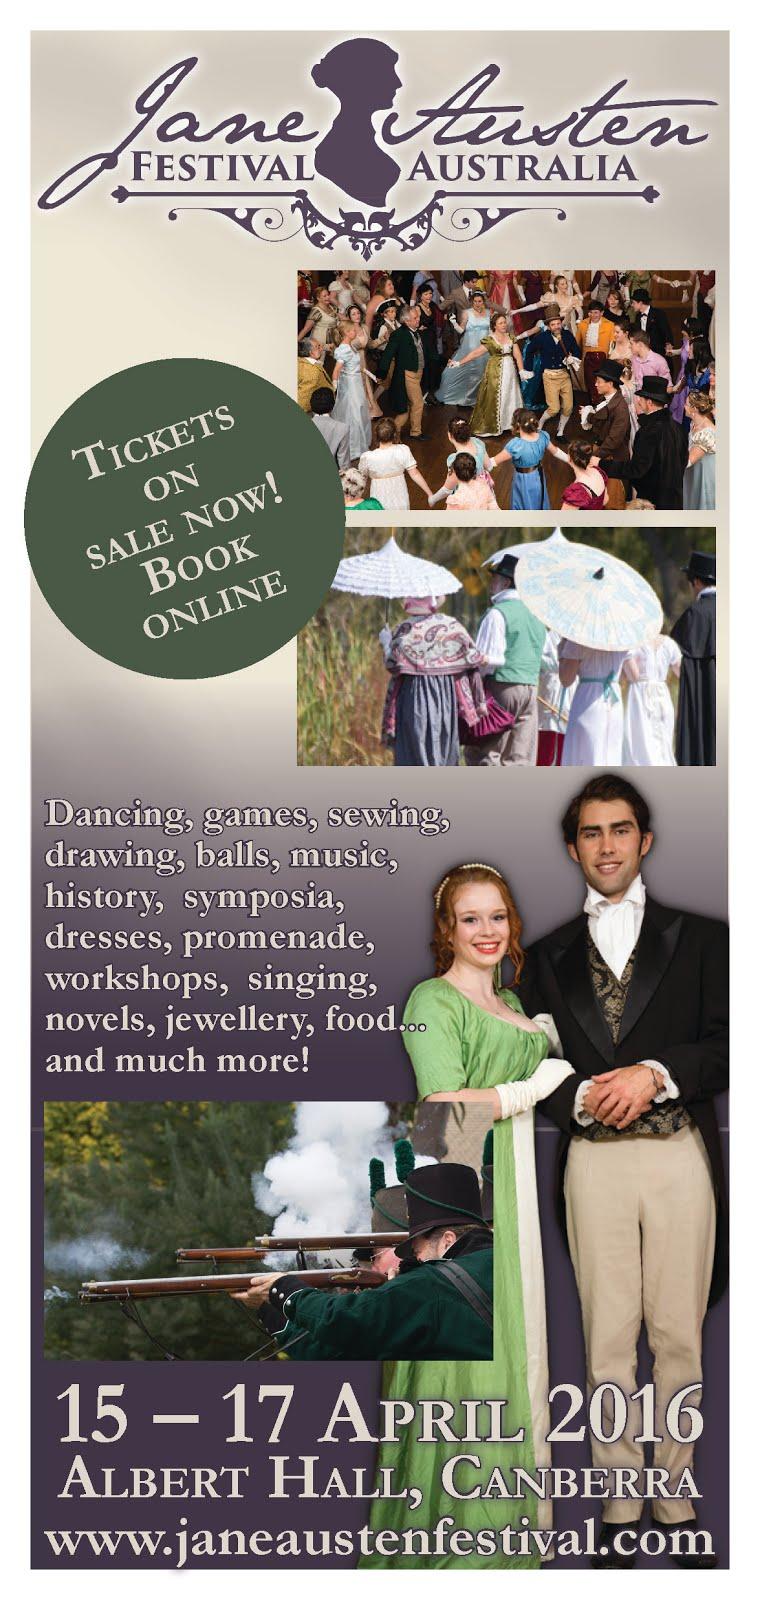 Jane Austen Festival 2016